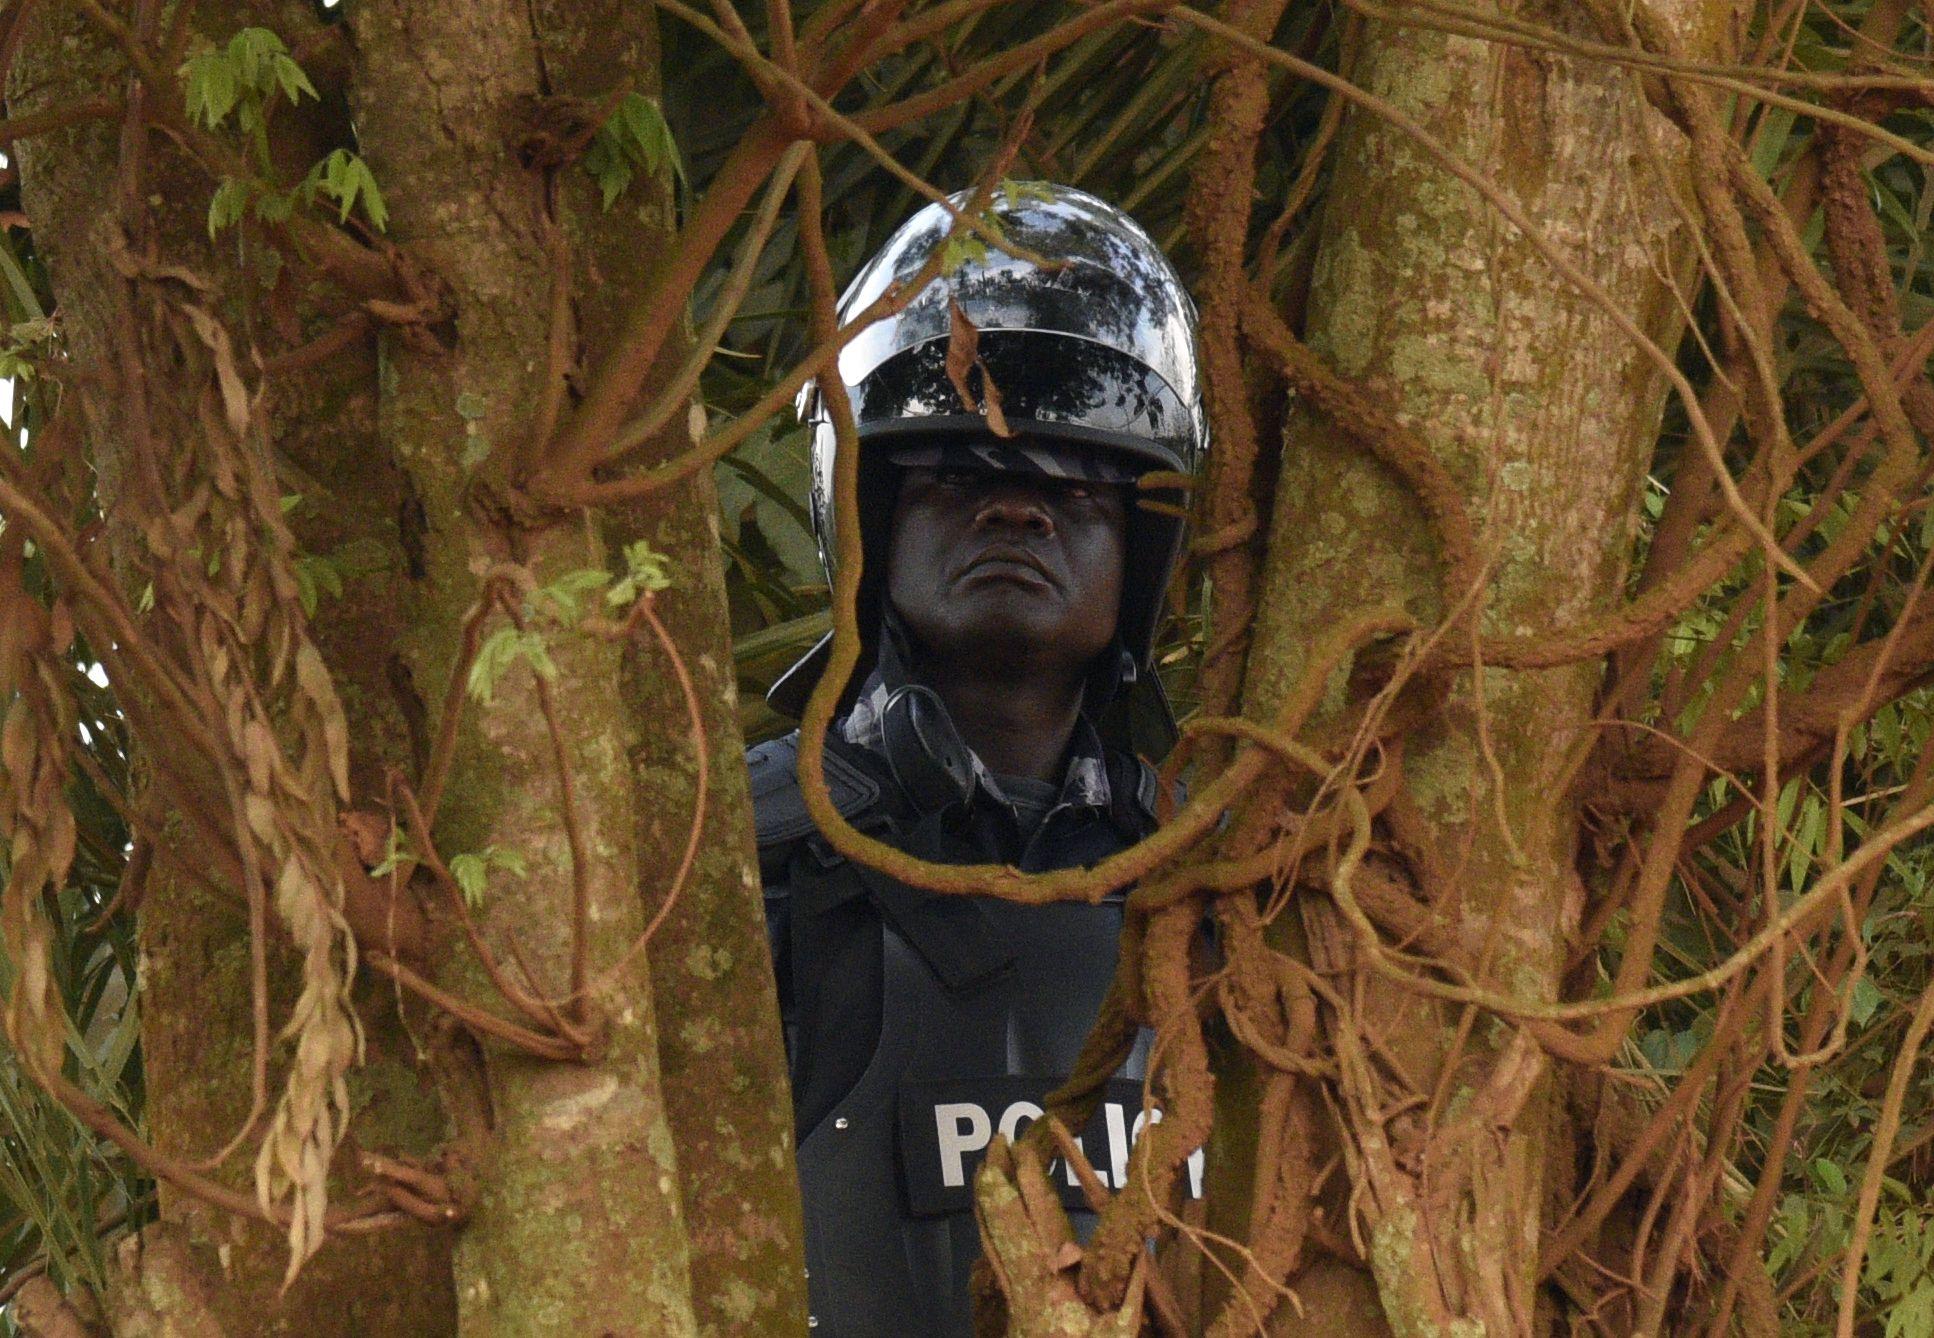 Uganda police officer